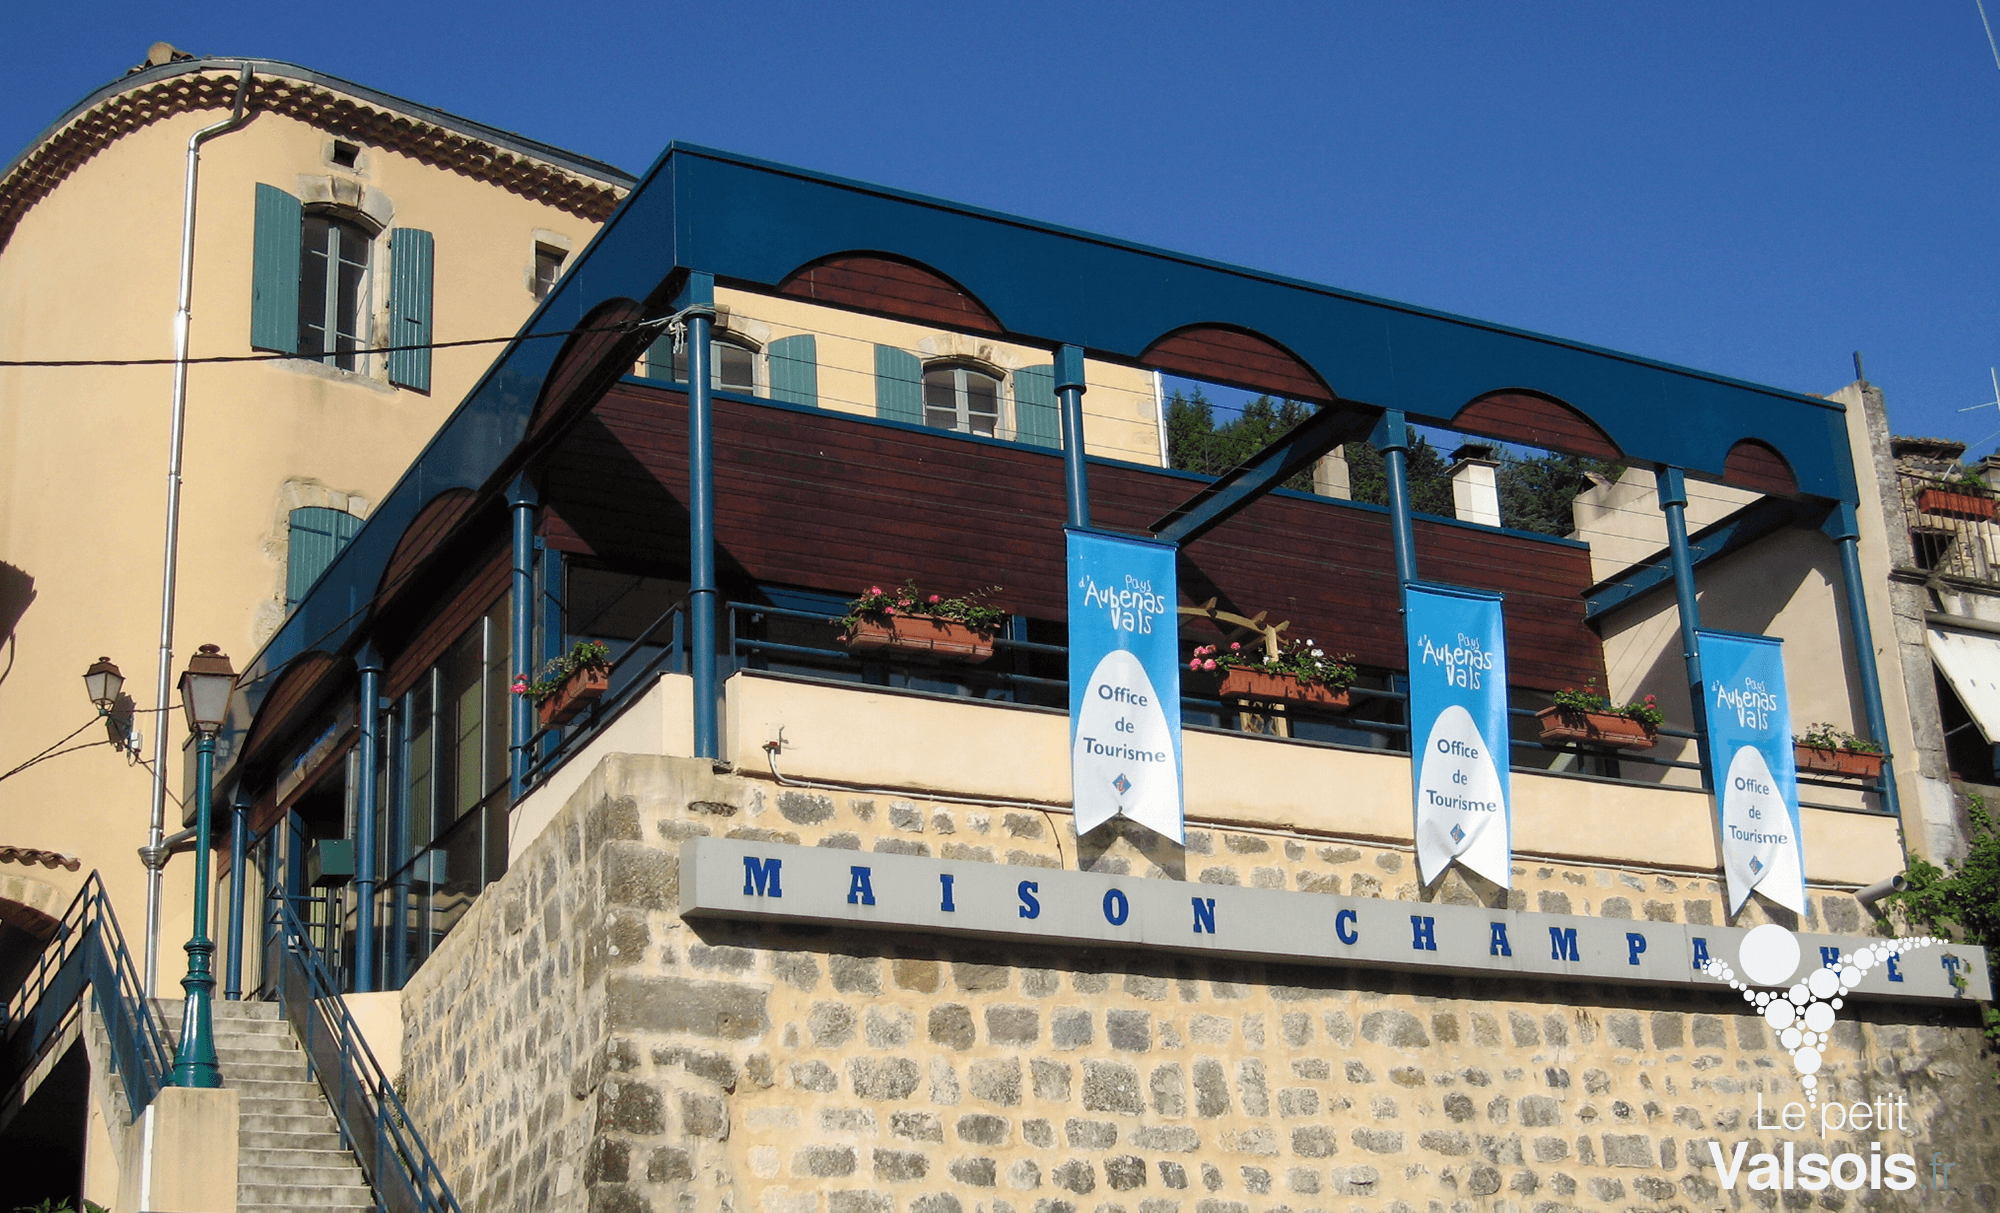 La Maison Champanhet, un musée au coeur de Vals-les-Bains